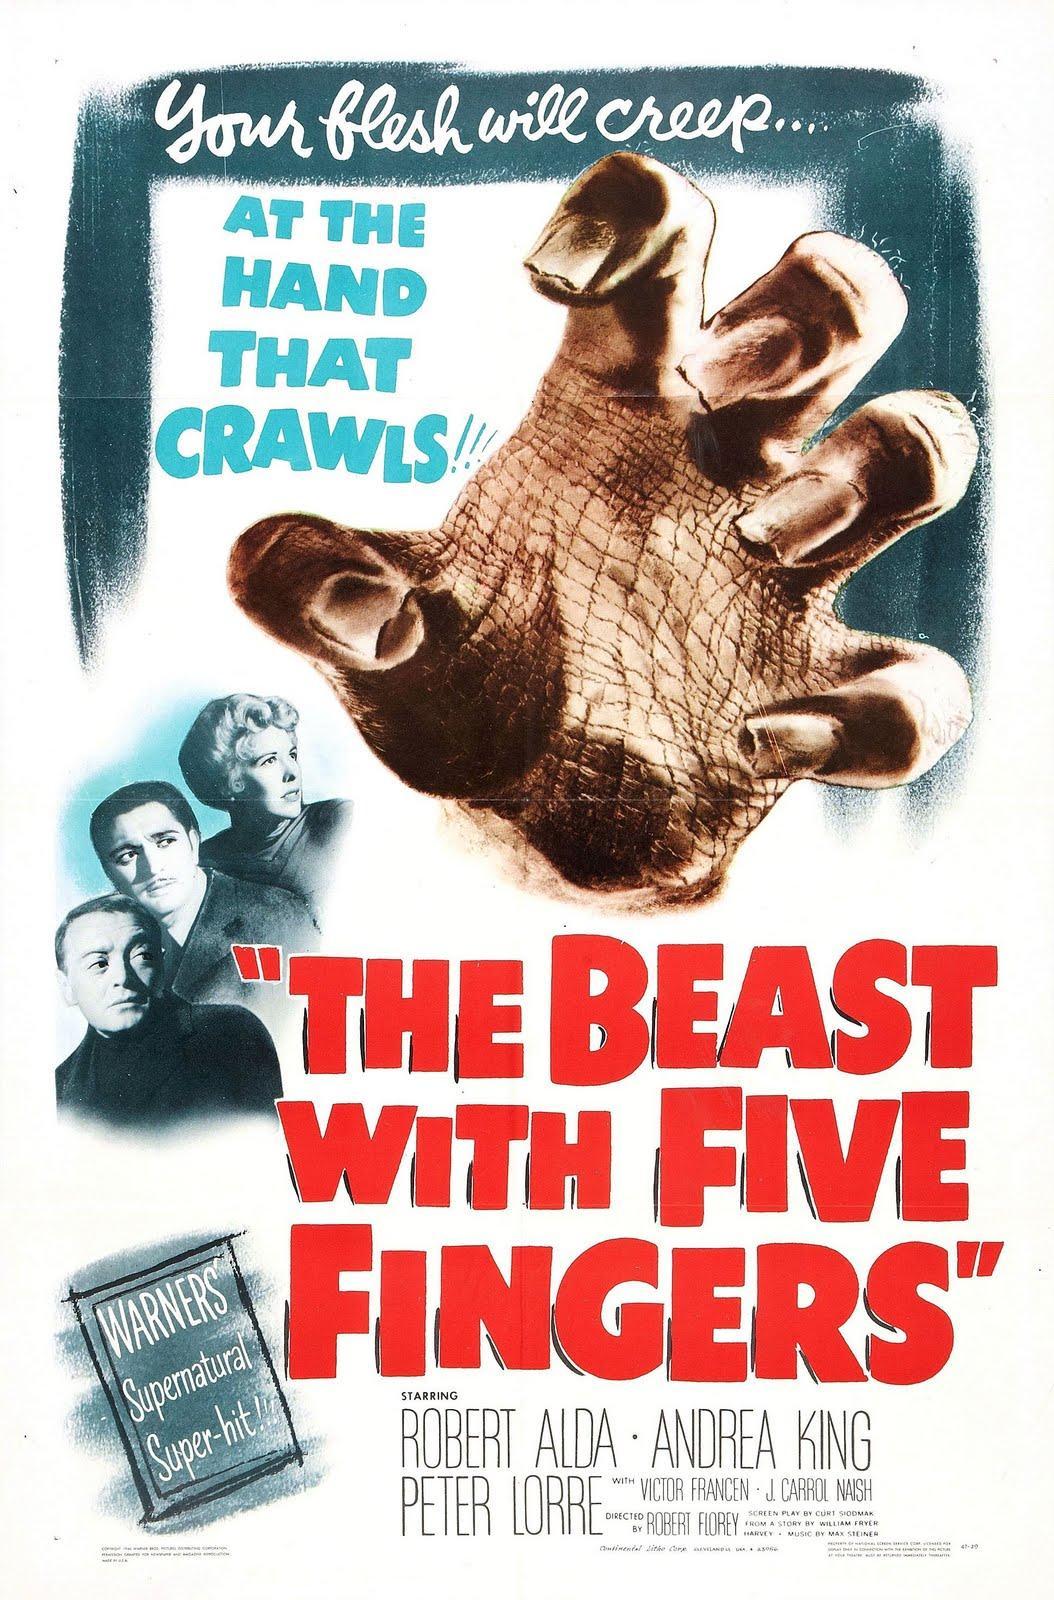 cartazes cl225ssicos de filmes sobre monstros canto dos